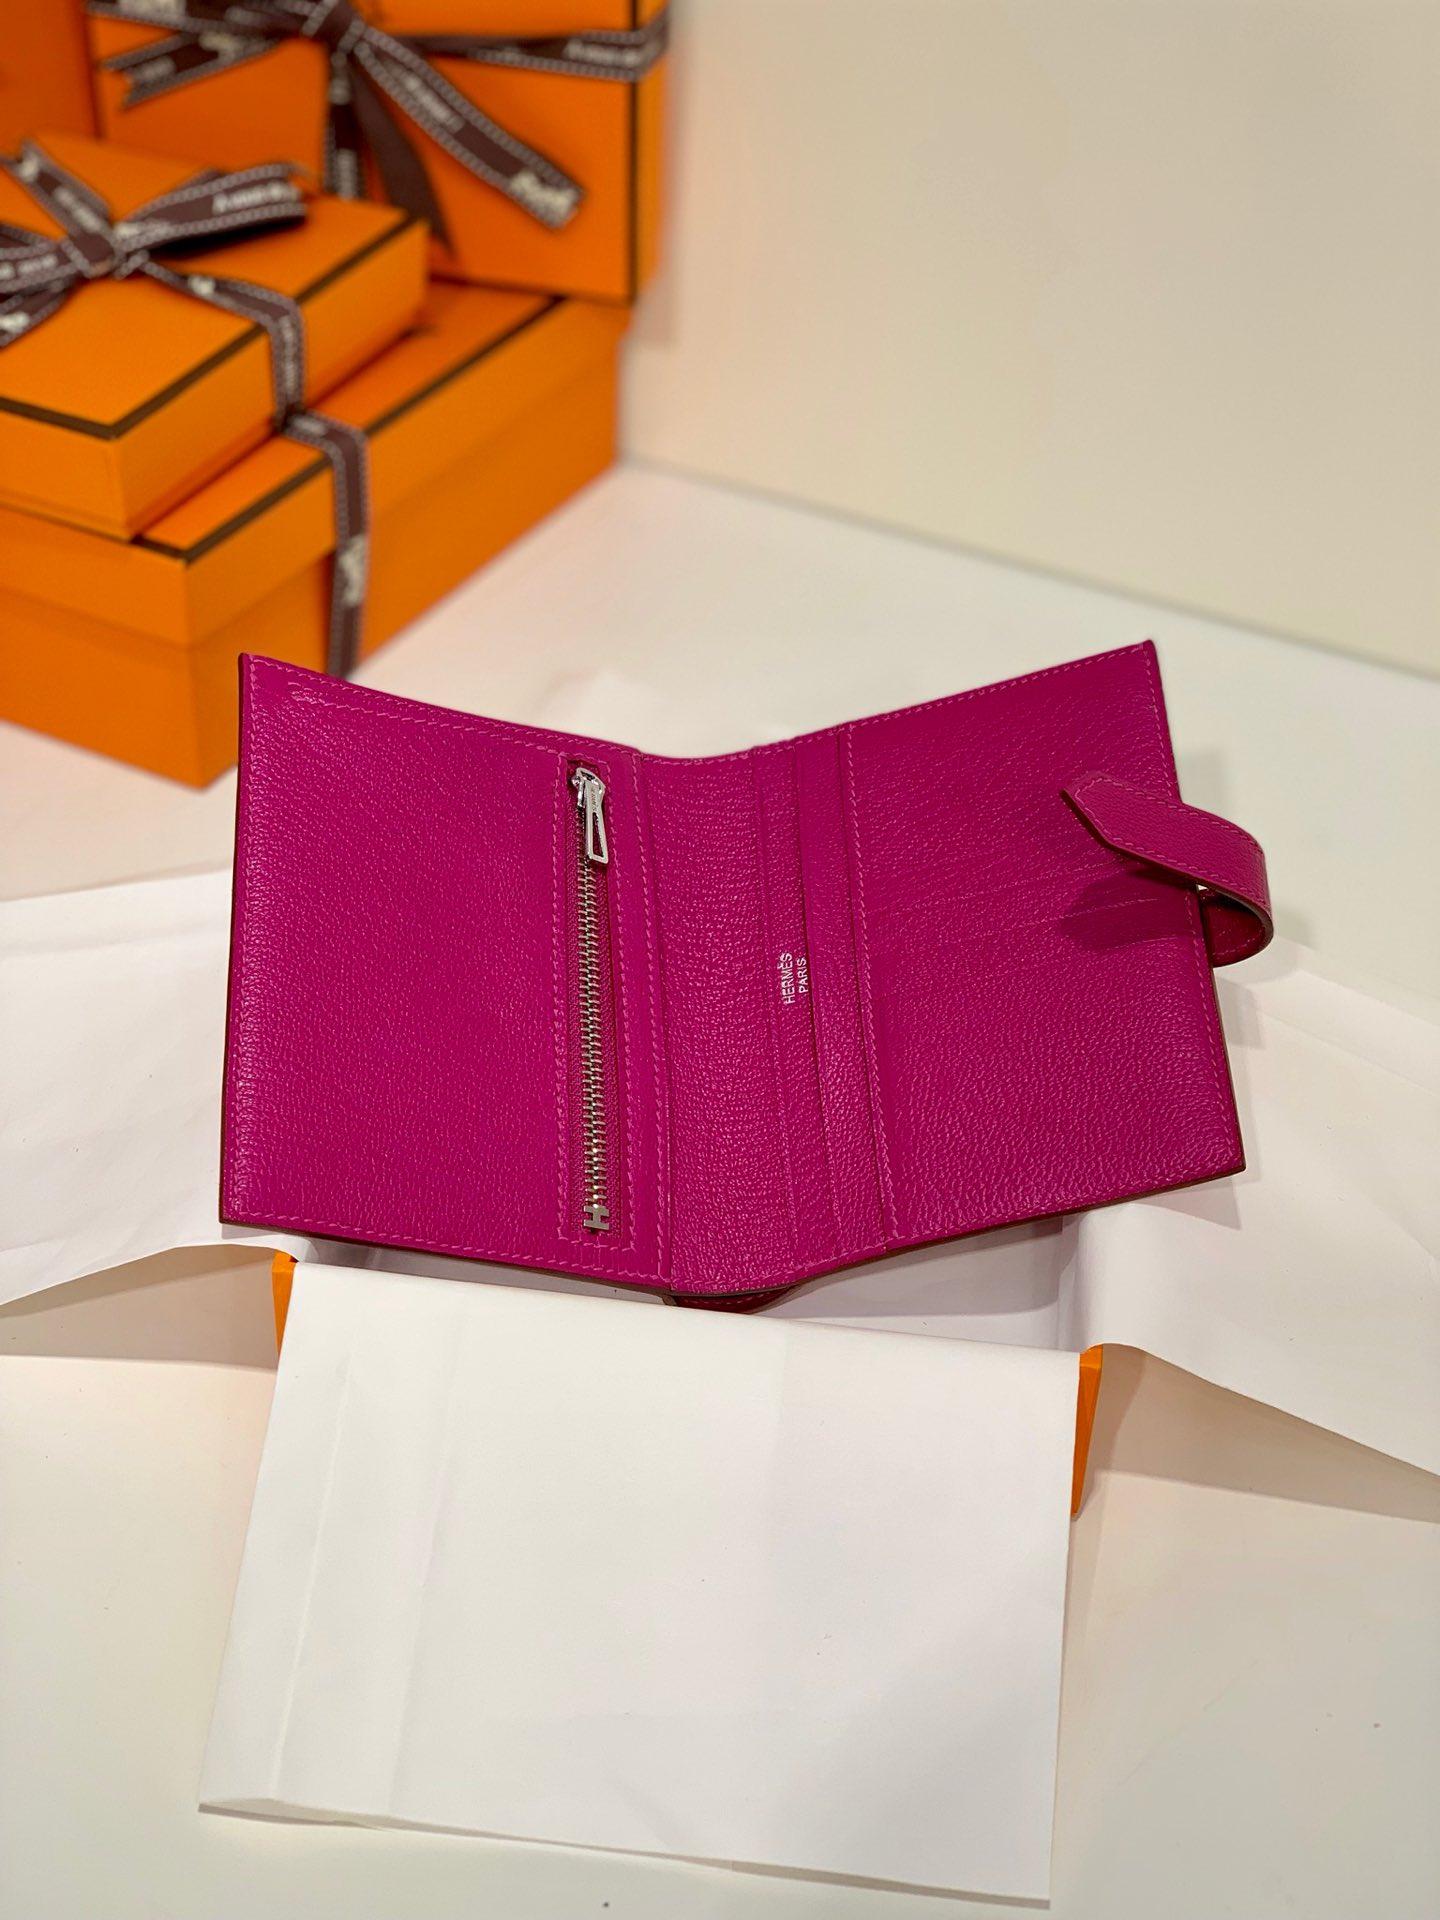 现货 Hermes钱包价格 爱马仕进口山羊皮Bearn钱包 L3玫瑰紫 银扣